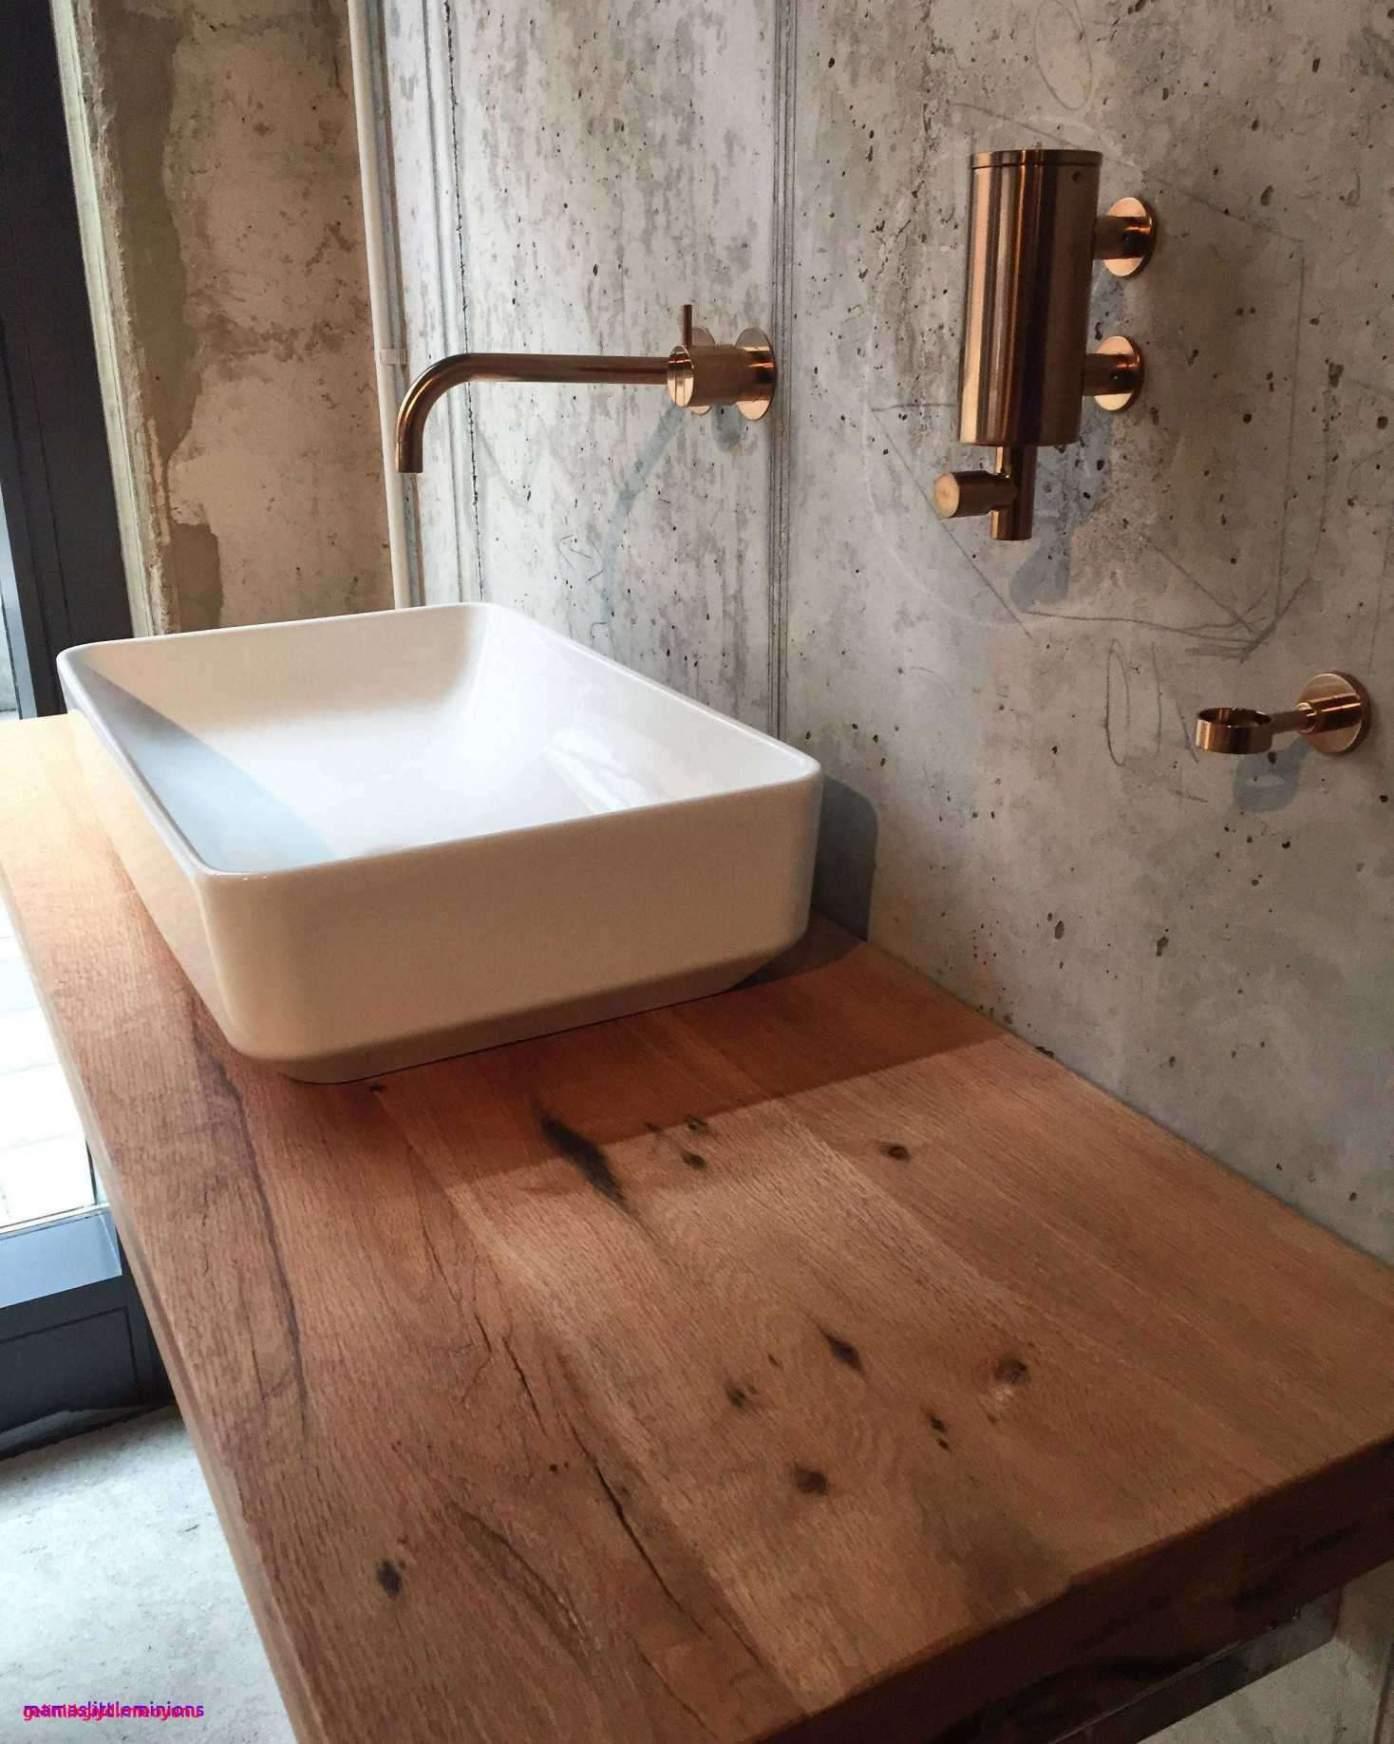 Wasserwand Garten Selber Bauen Schön 35 Reizend Garten Wc Selber Bauen Luxus